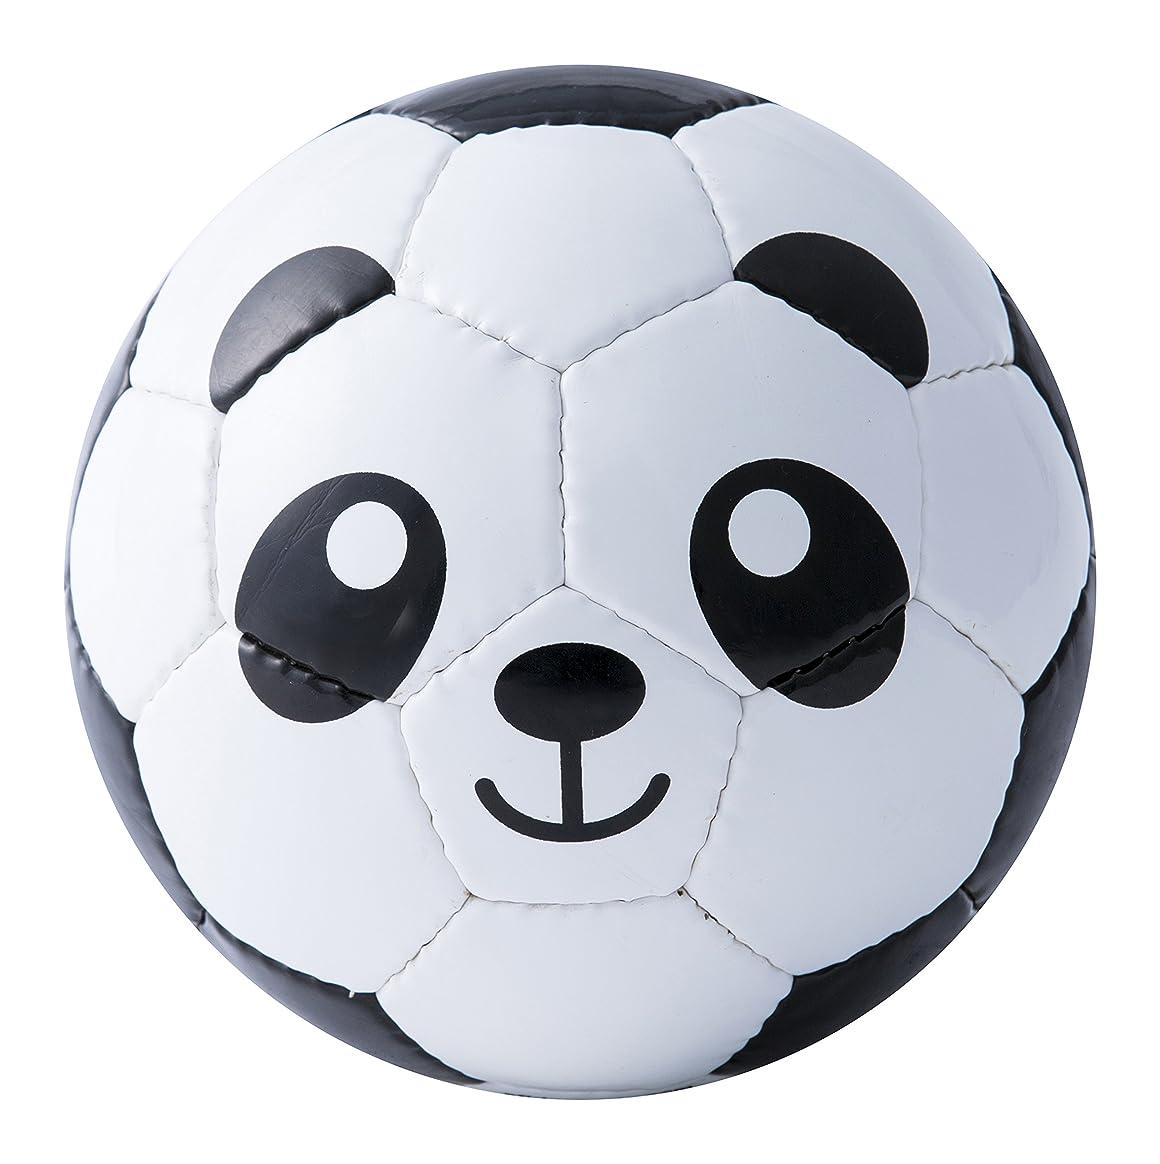 コース課税観察スフィーダ(sfida) FOOTBALL Zoo(ミニボール) BSF-ZOO06